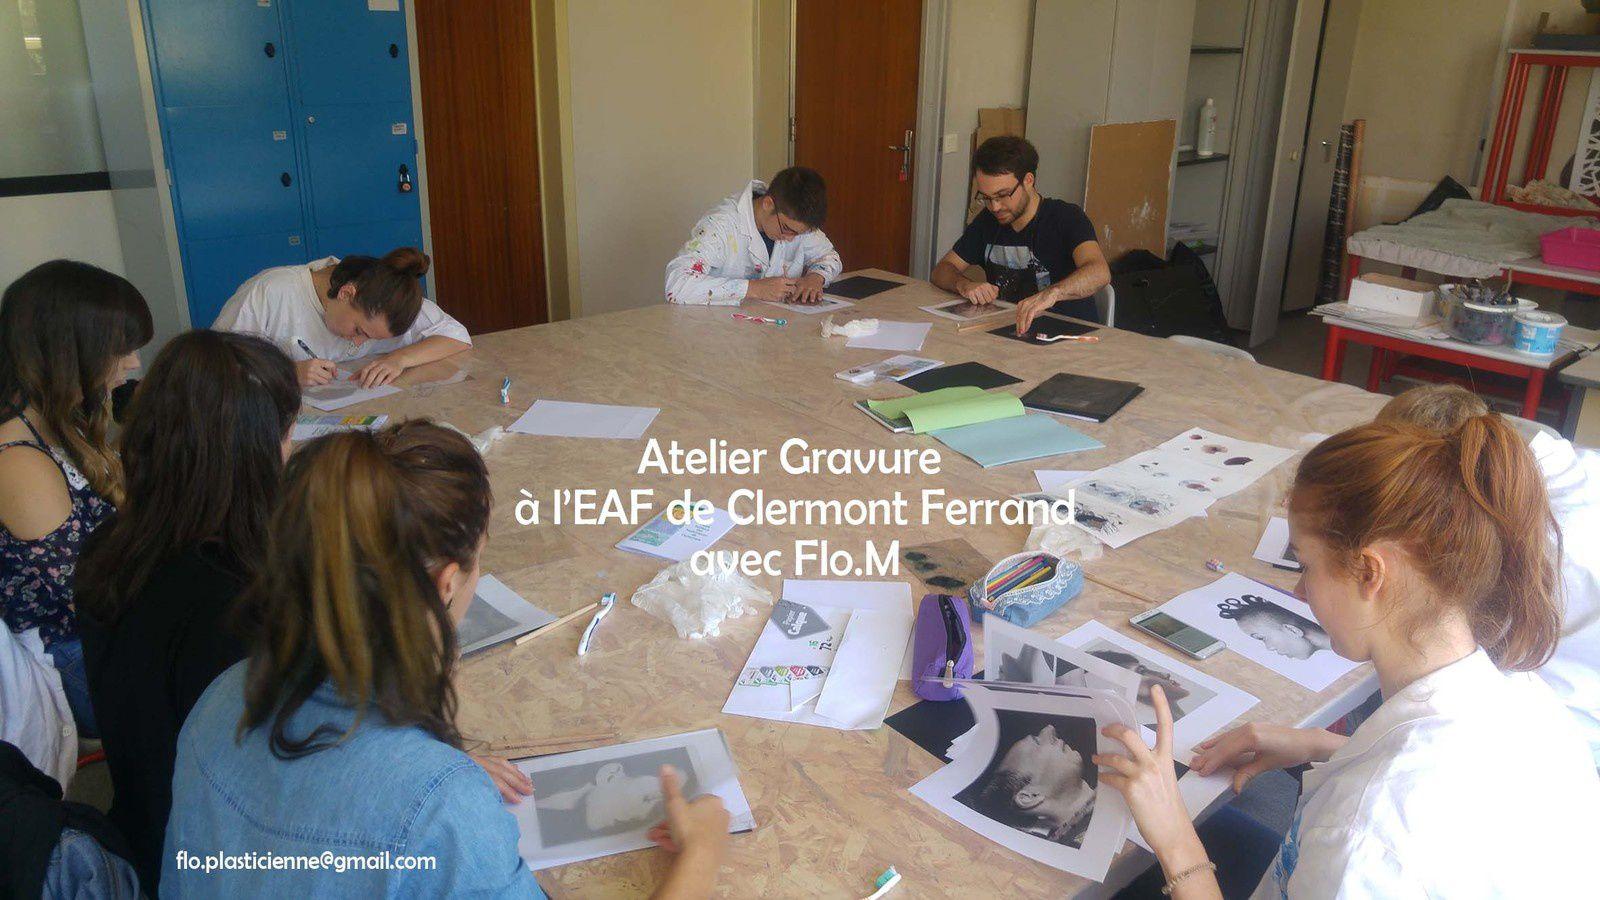 Atelier gravure école EAF Clermont Ferrand FloM